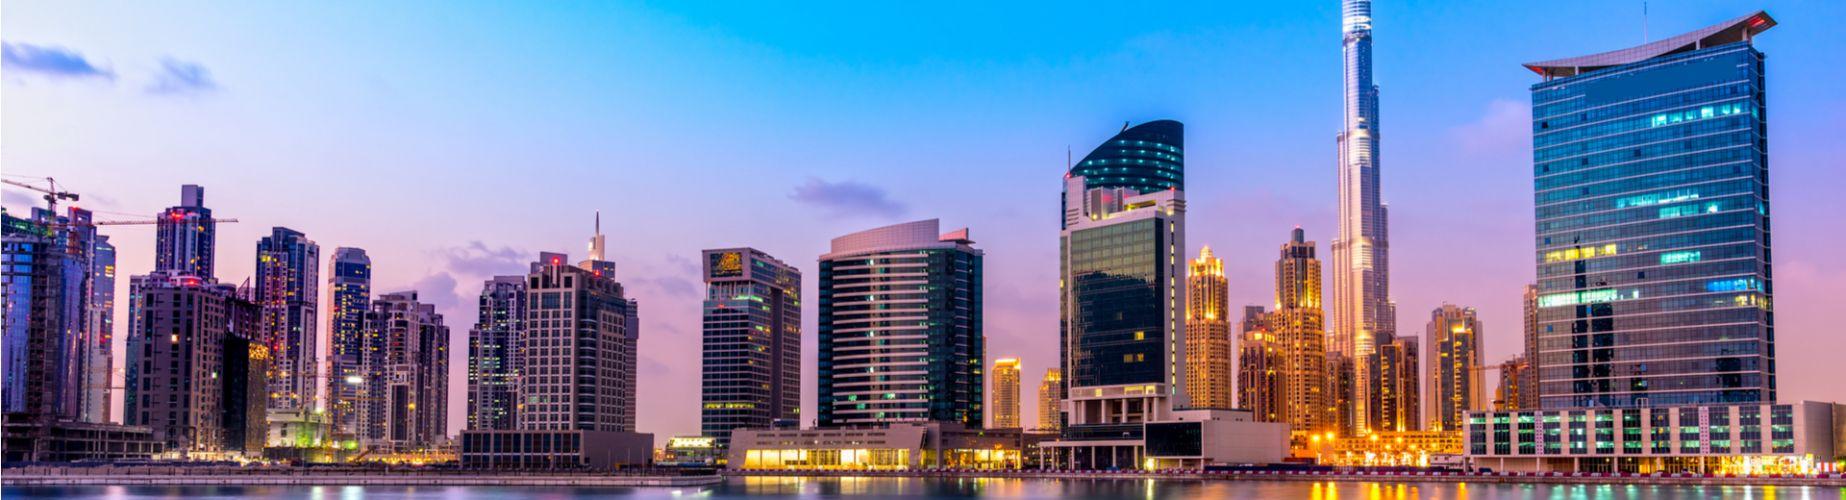 Dubai wartet auf dich! Flieg jetzt in die exklusive Superlative